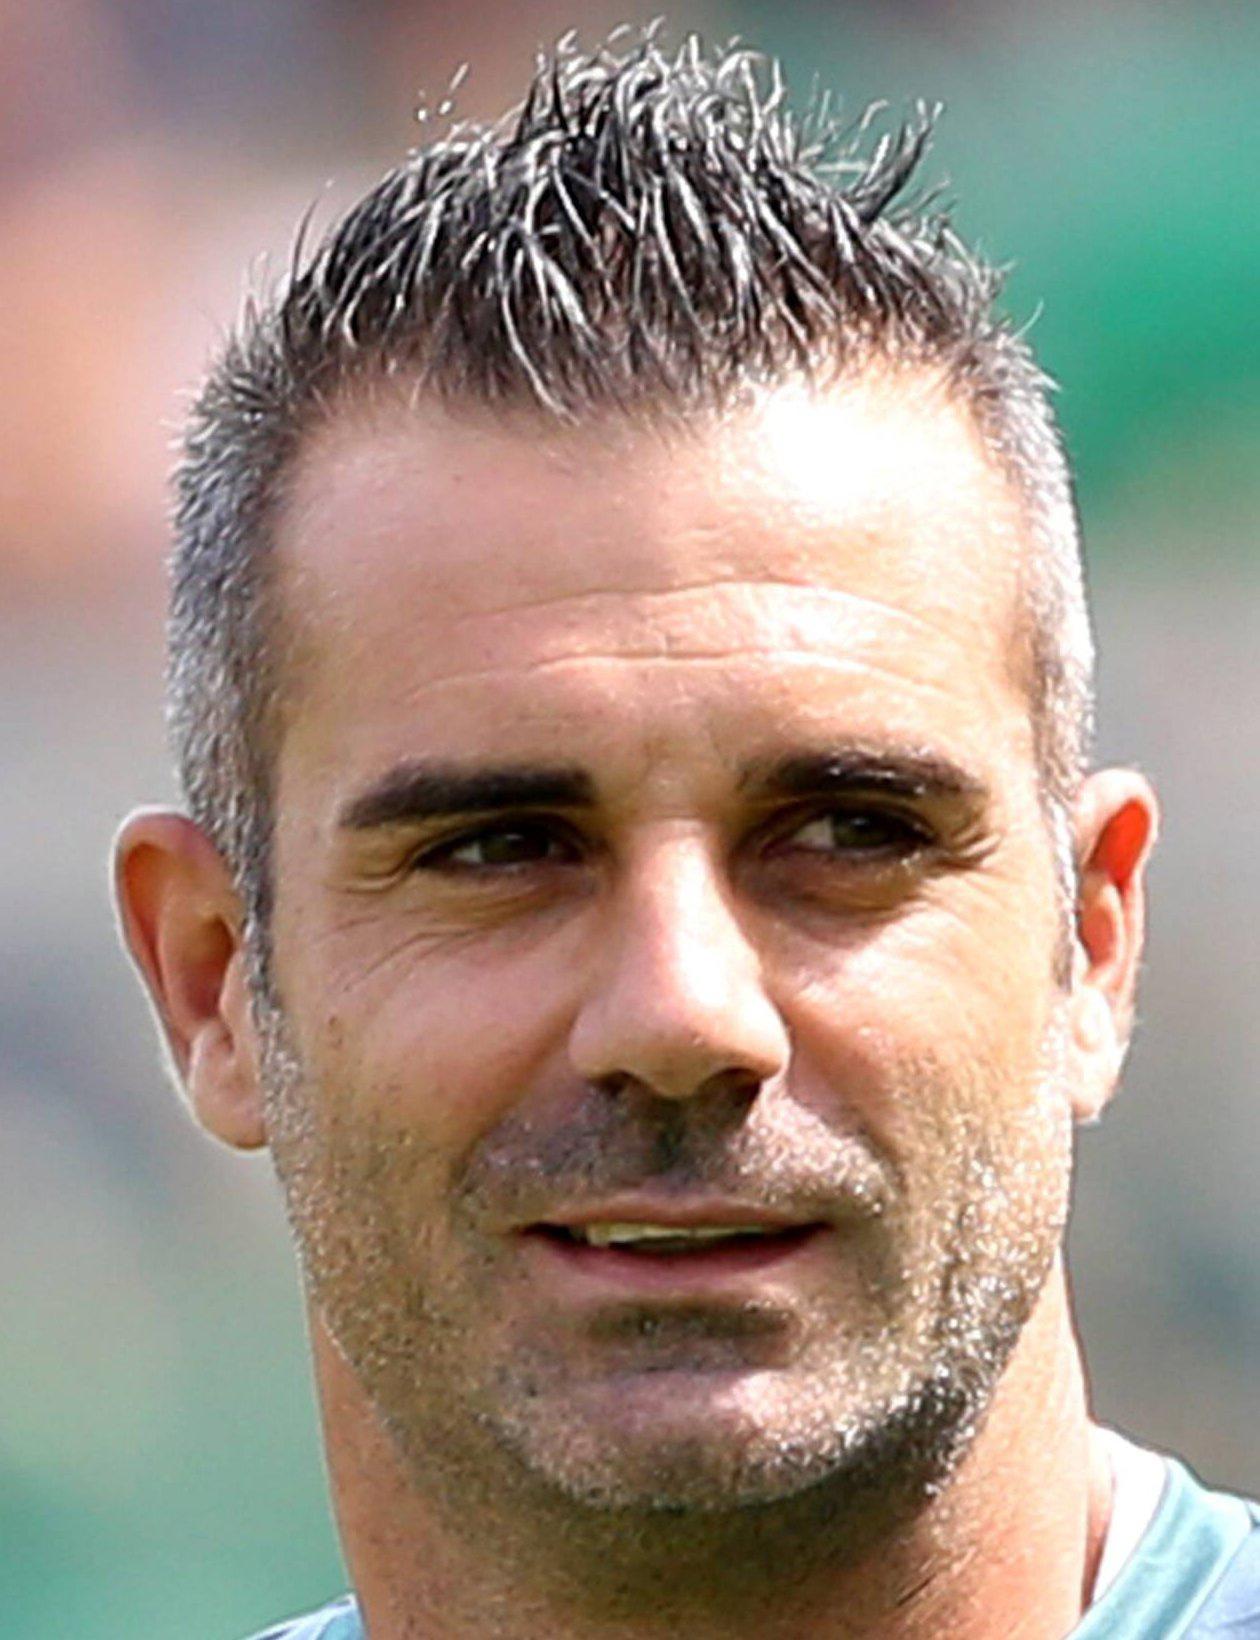 Stefano Sorrentino - Profilo giocatore 18/19 | Transfermarkt